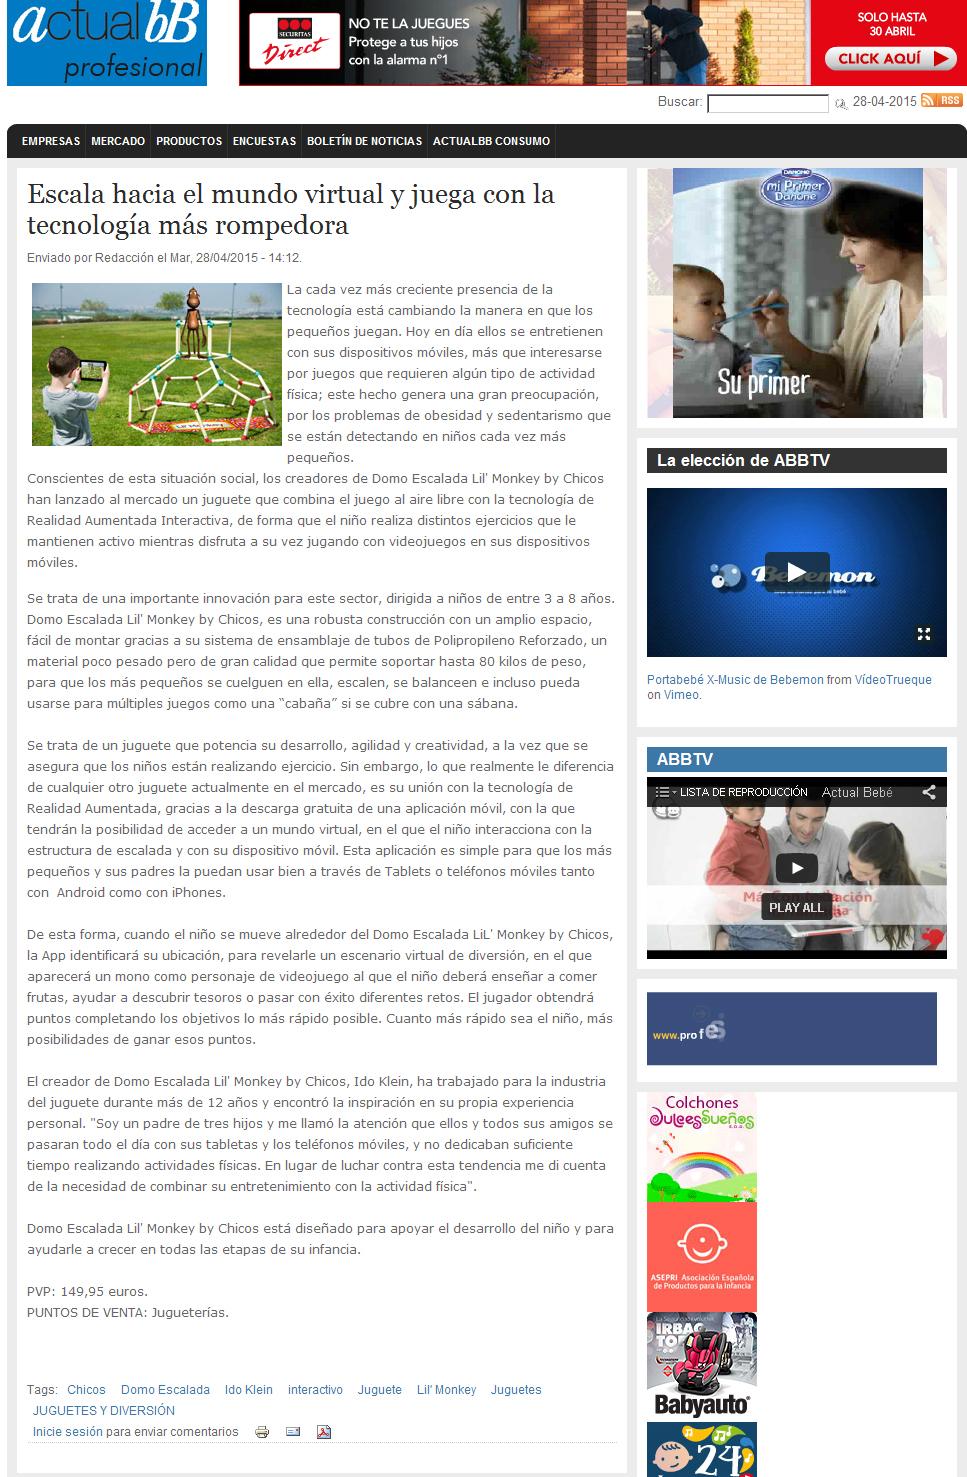 Actualbebe_es (28-04-15) NP Lanzamiento Lil Monkey.jpg